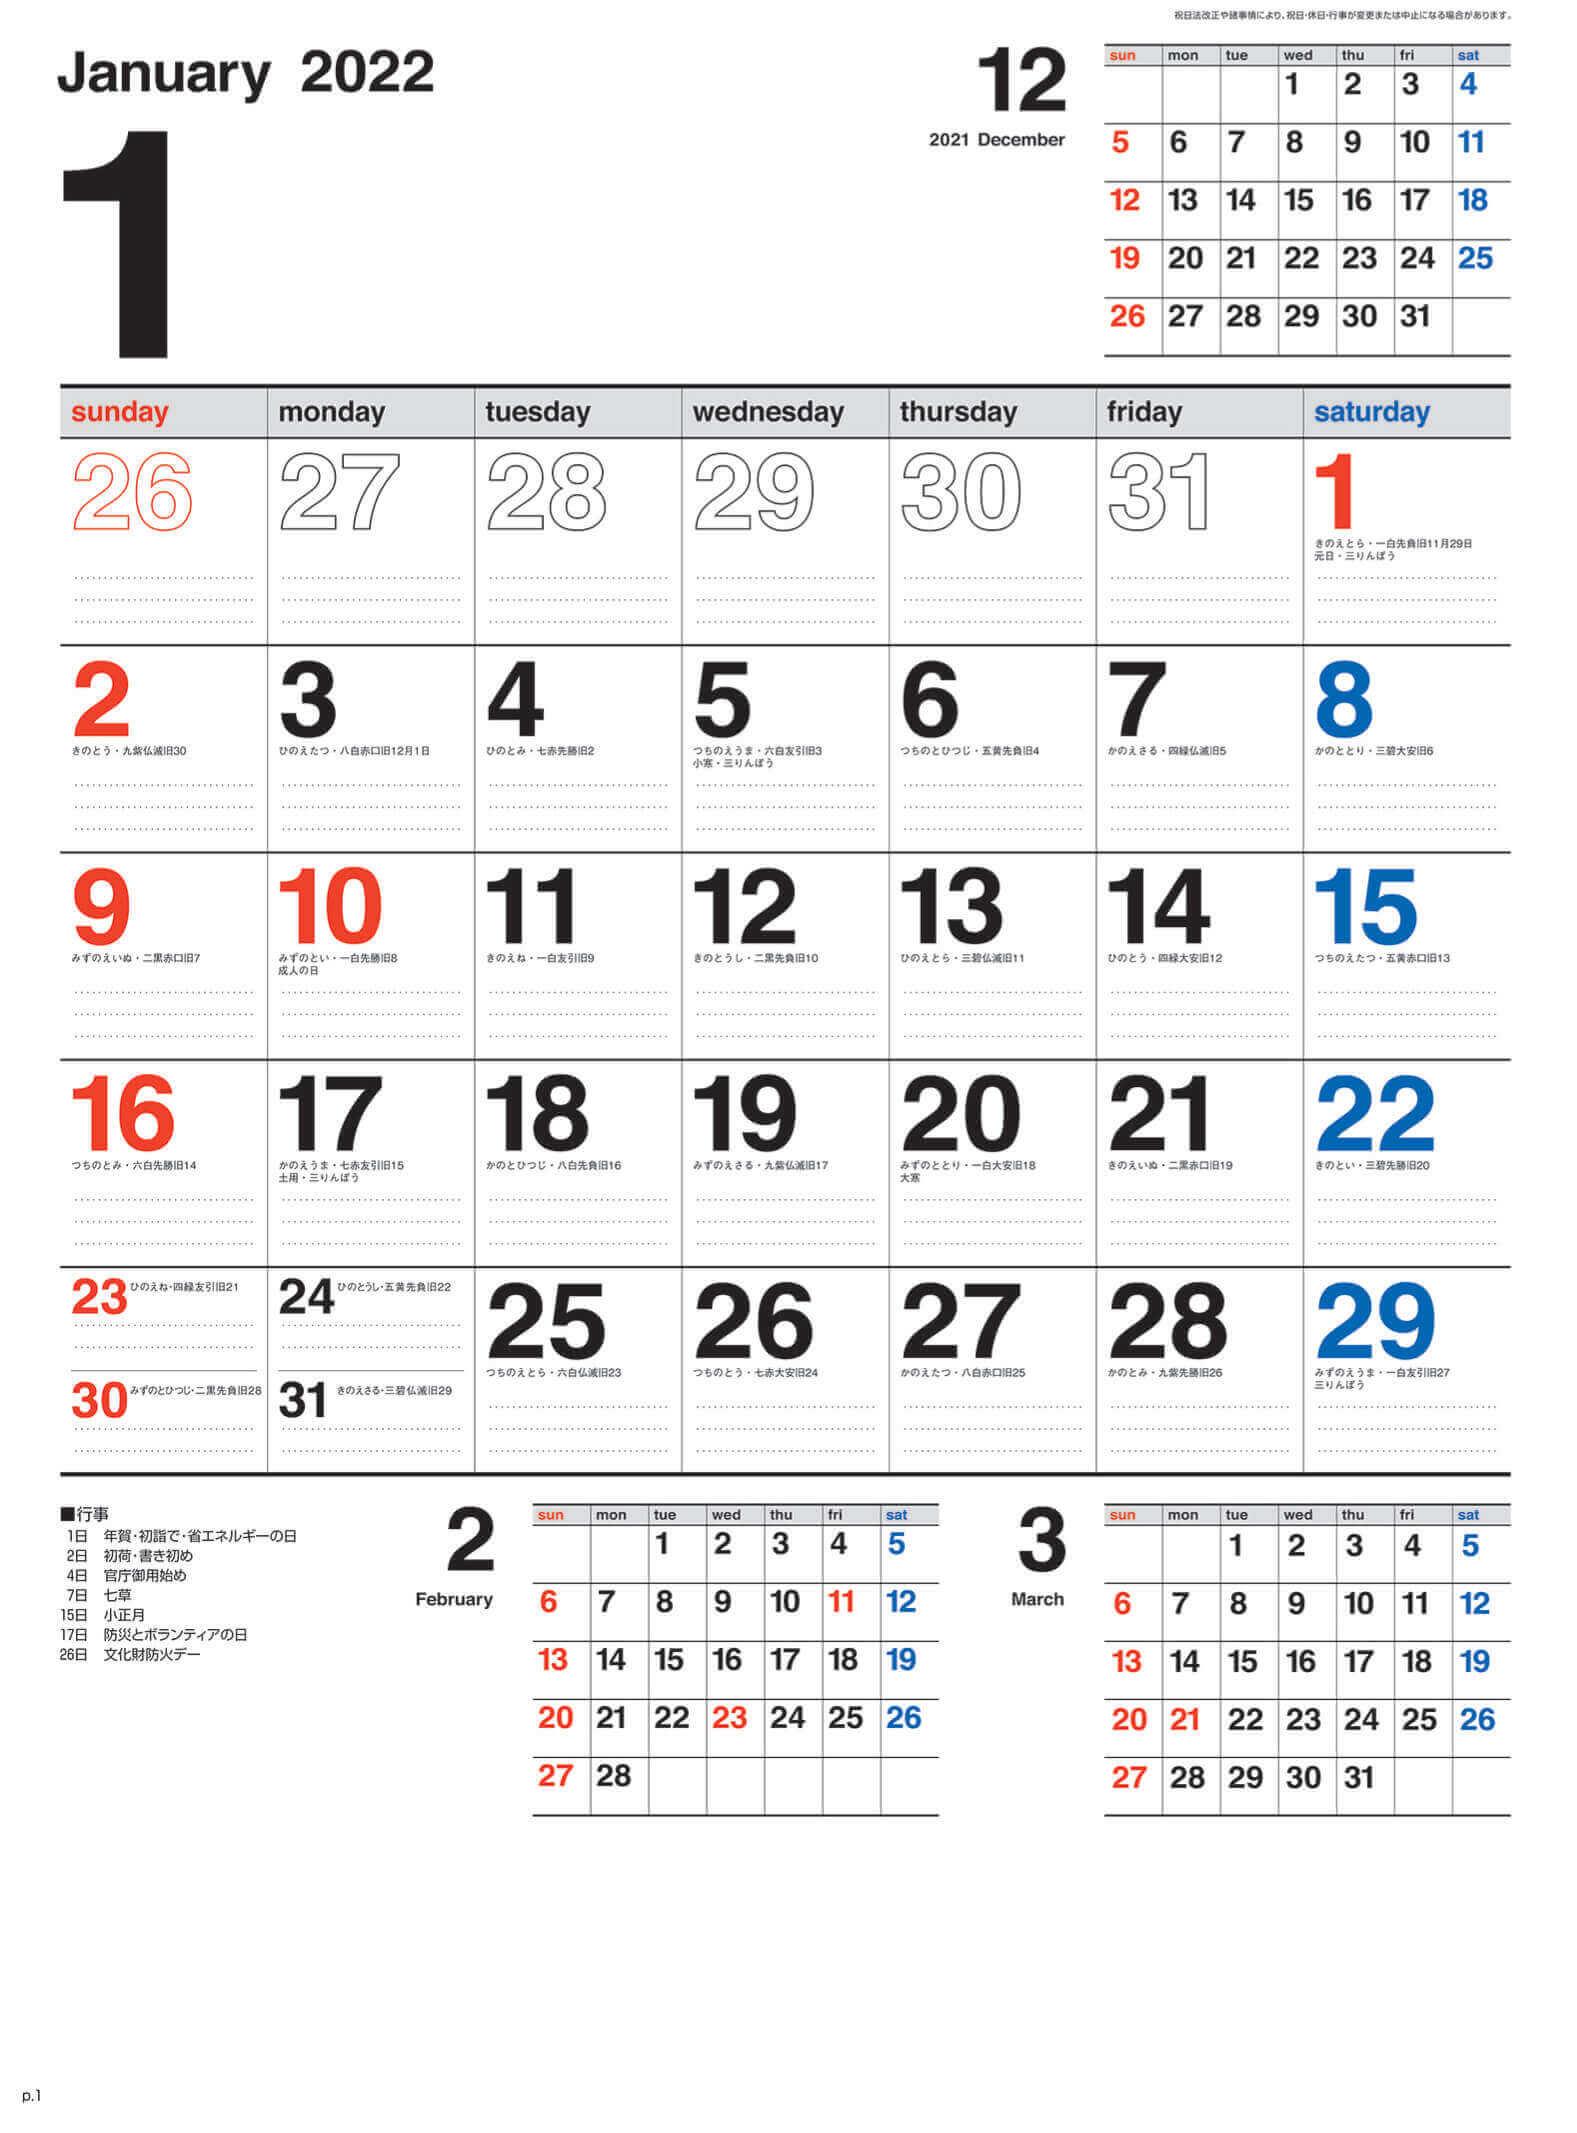 スケジュール・メモ月表 2022年カレンダーの画像